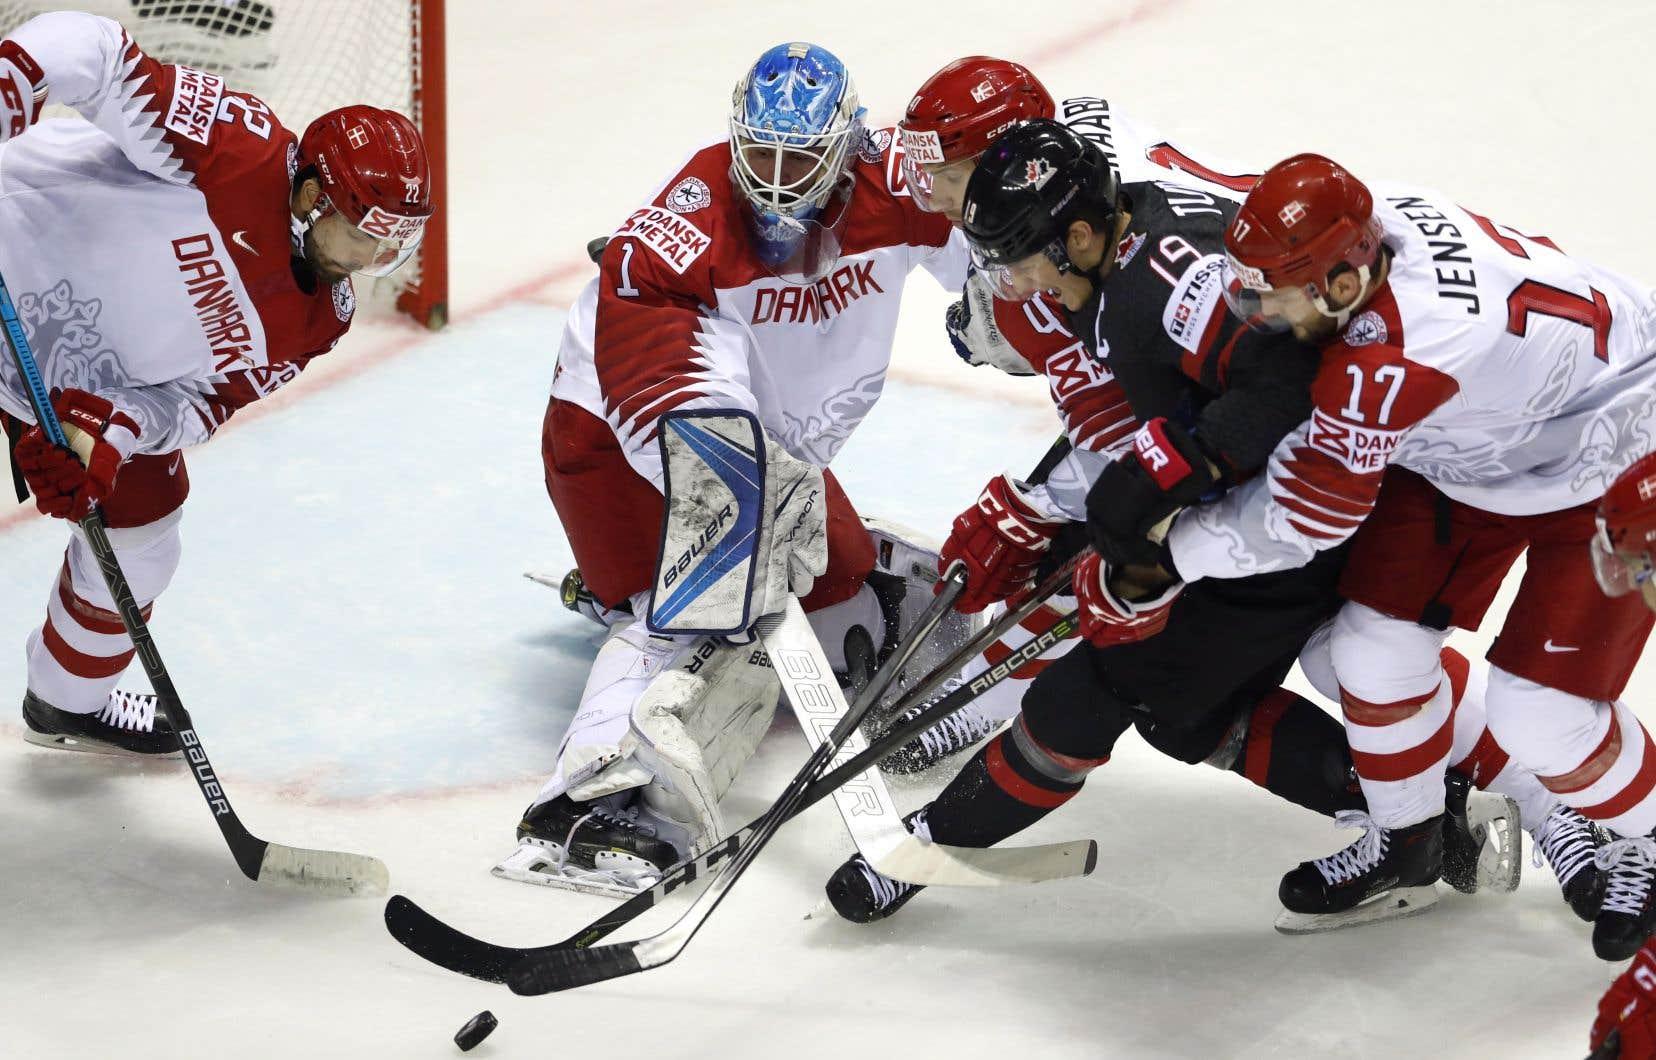 Le Canada a converti un avantage numérique sur trois, alors que les Danois ont laissé filer quatre supériorités.